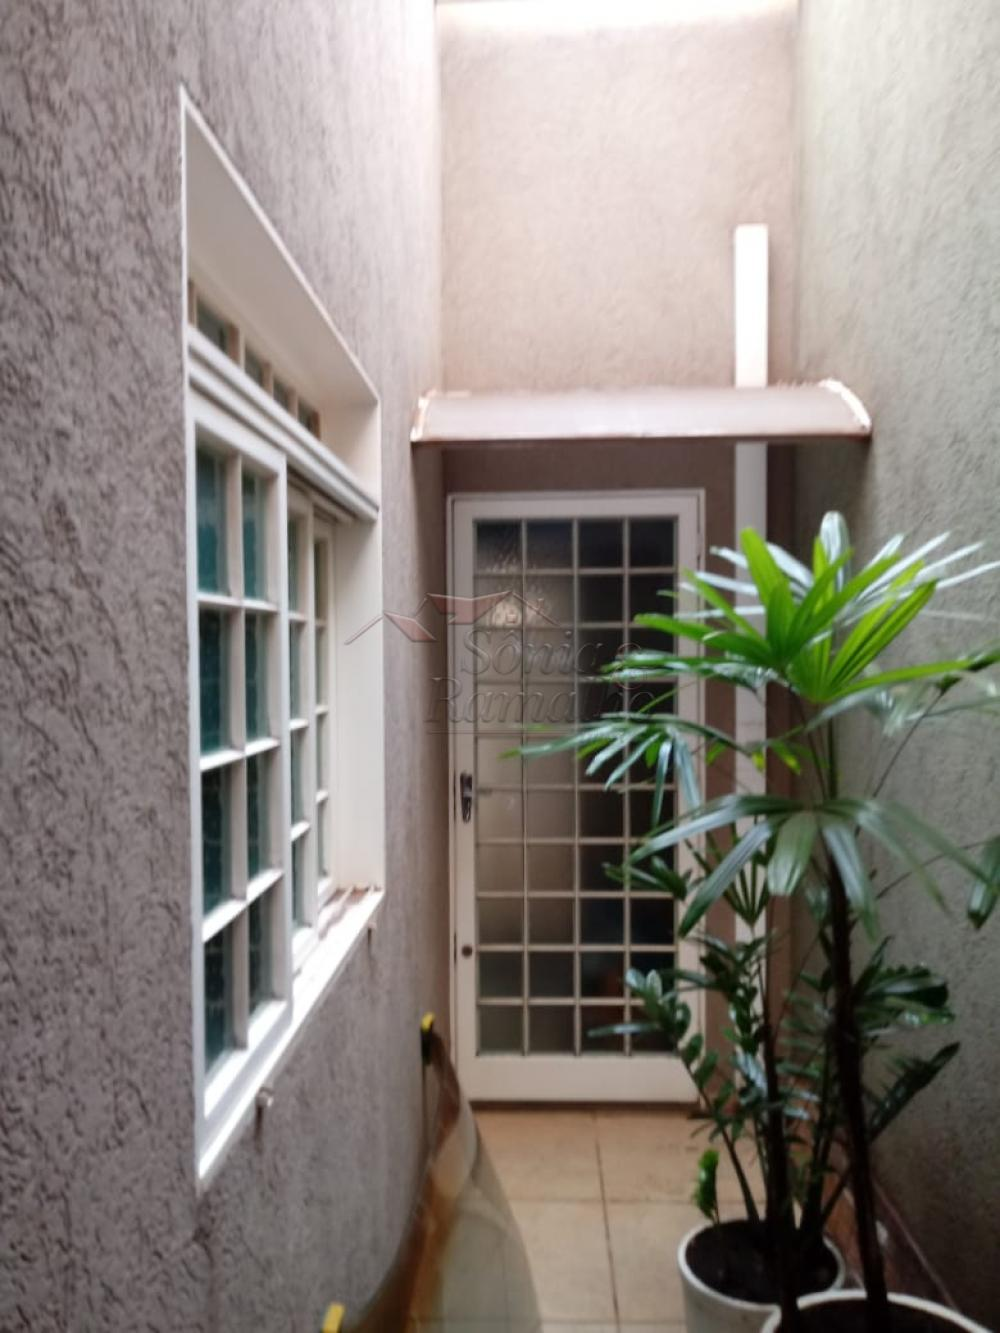 Comprar Casas / Padrão em Sertãozinho apenas R$ 535.000,00 - Foto 24